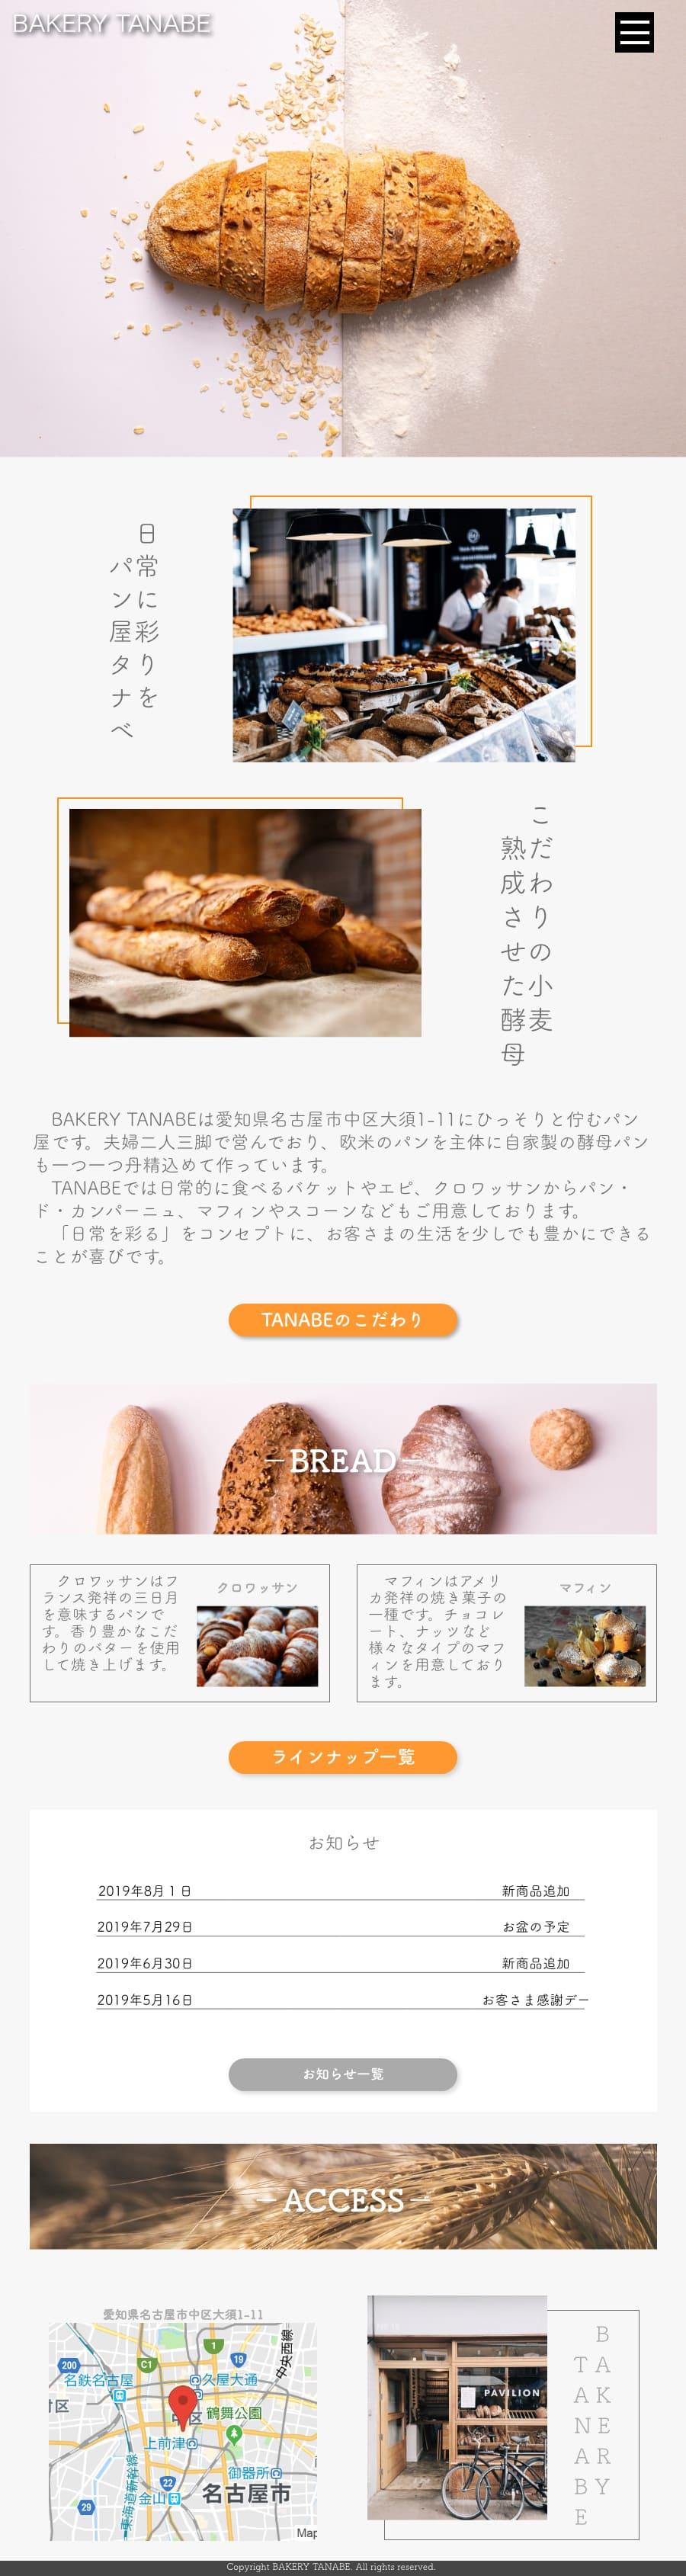 パン屋のパソコン用ホームページの制作例画像